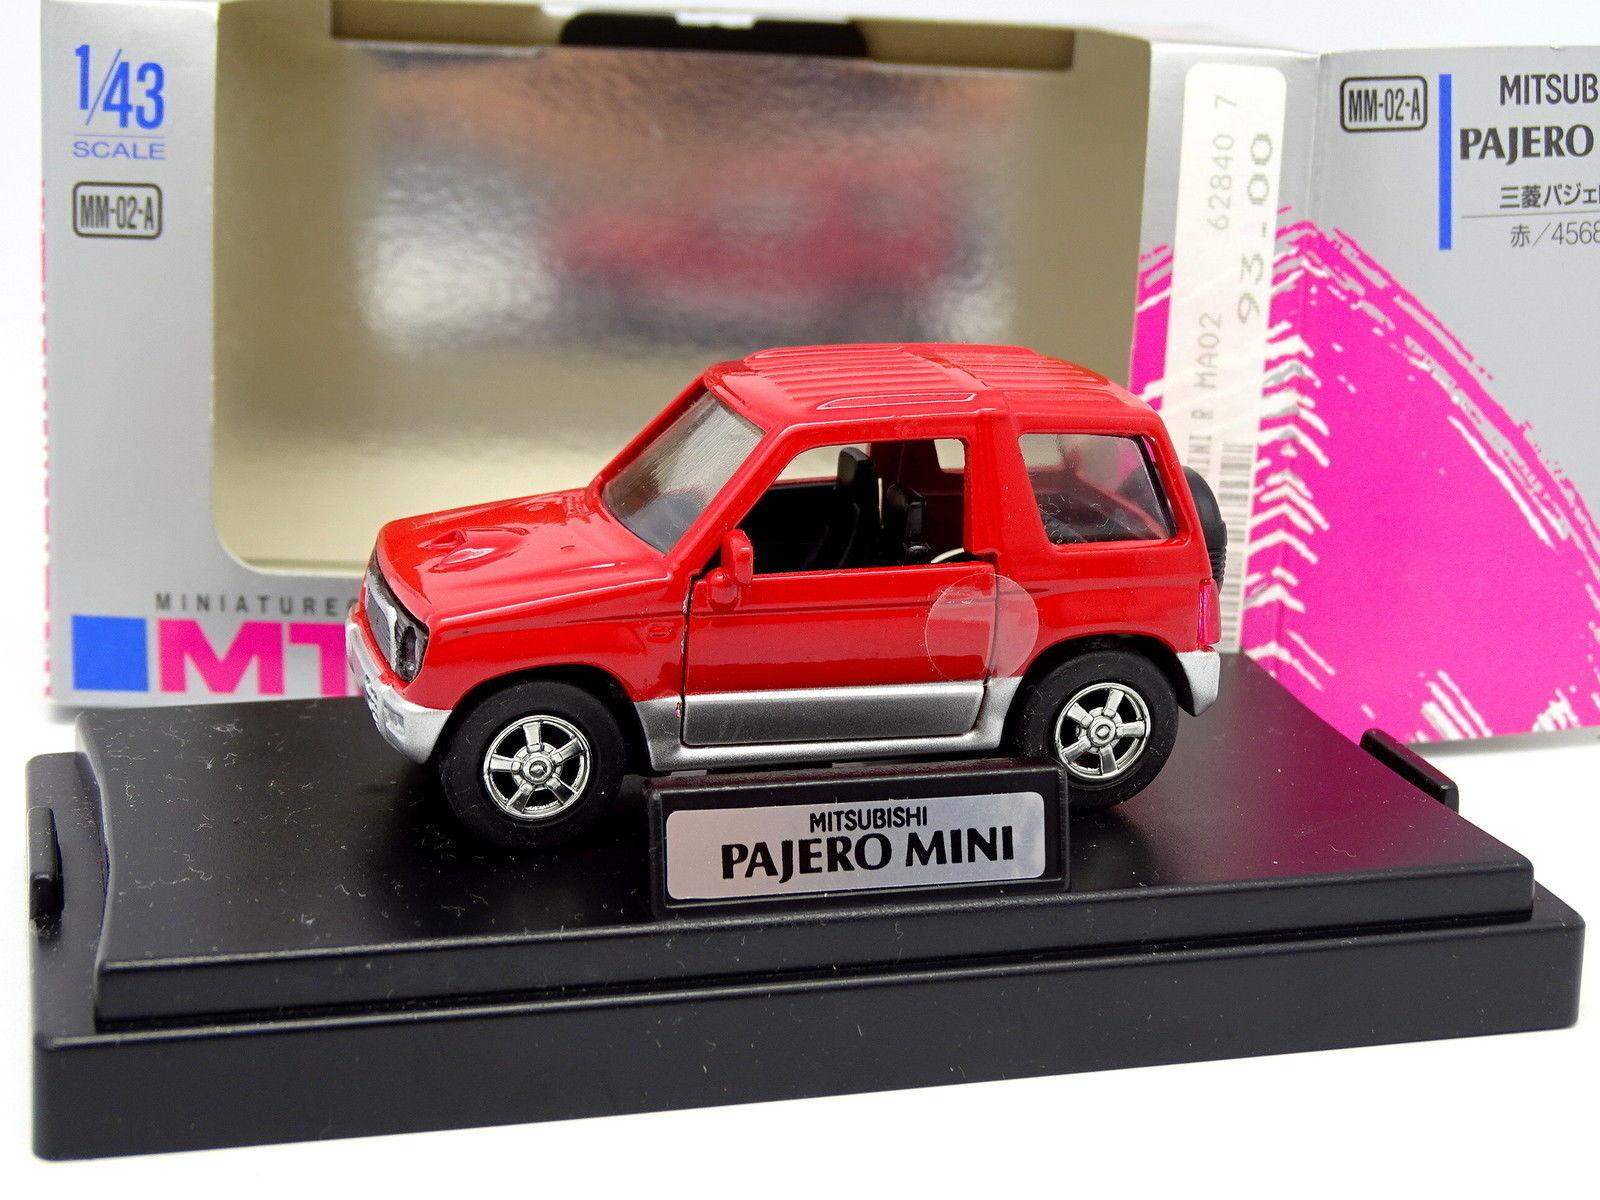 Epoch M Tech 1 43 - Mitsubishi Pajero Mini Red